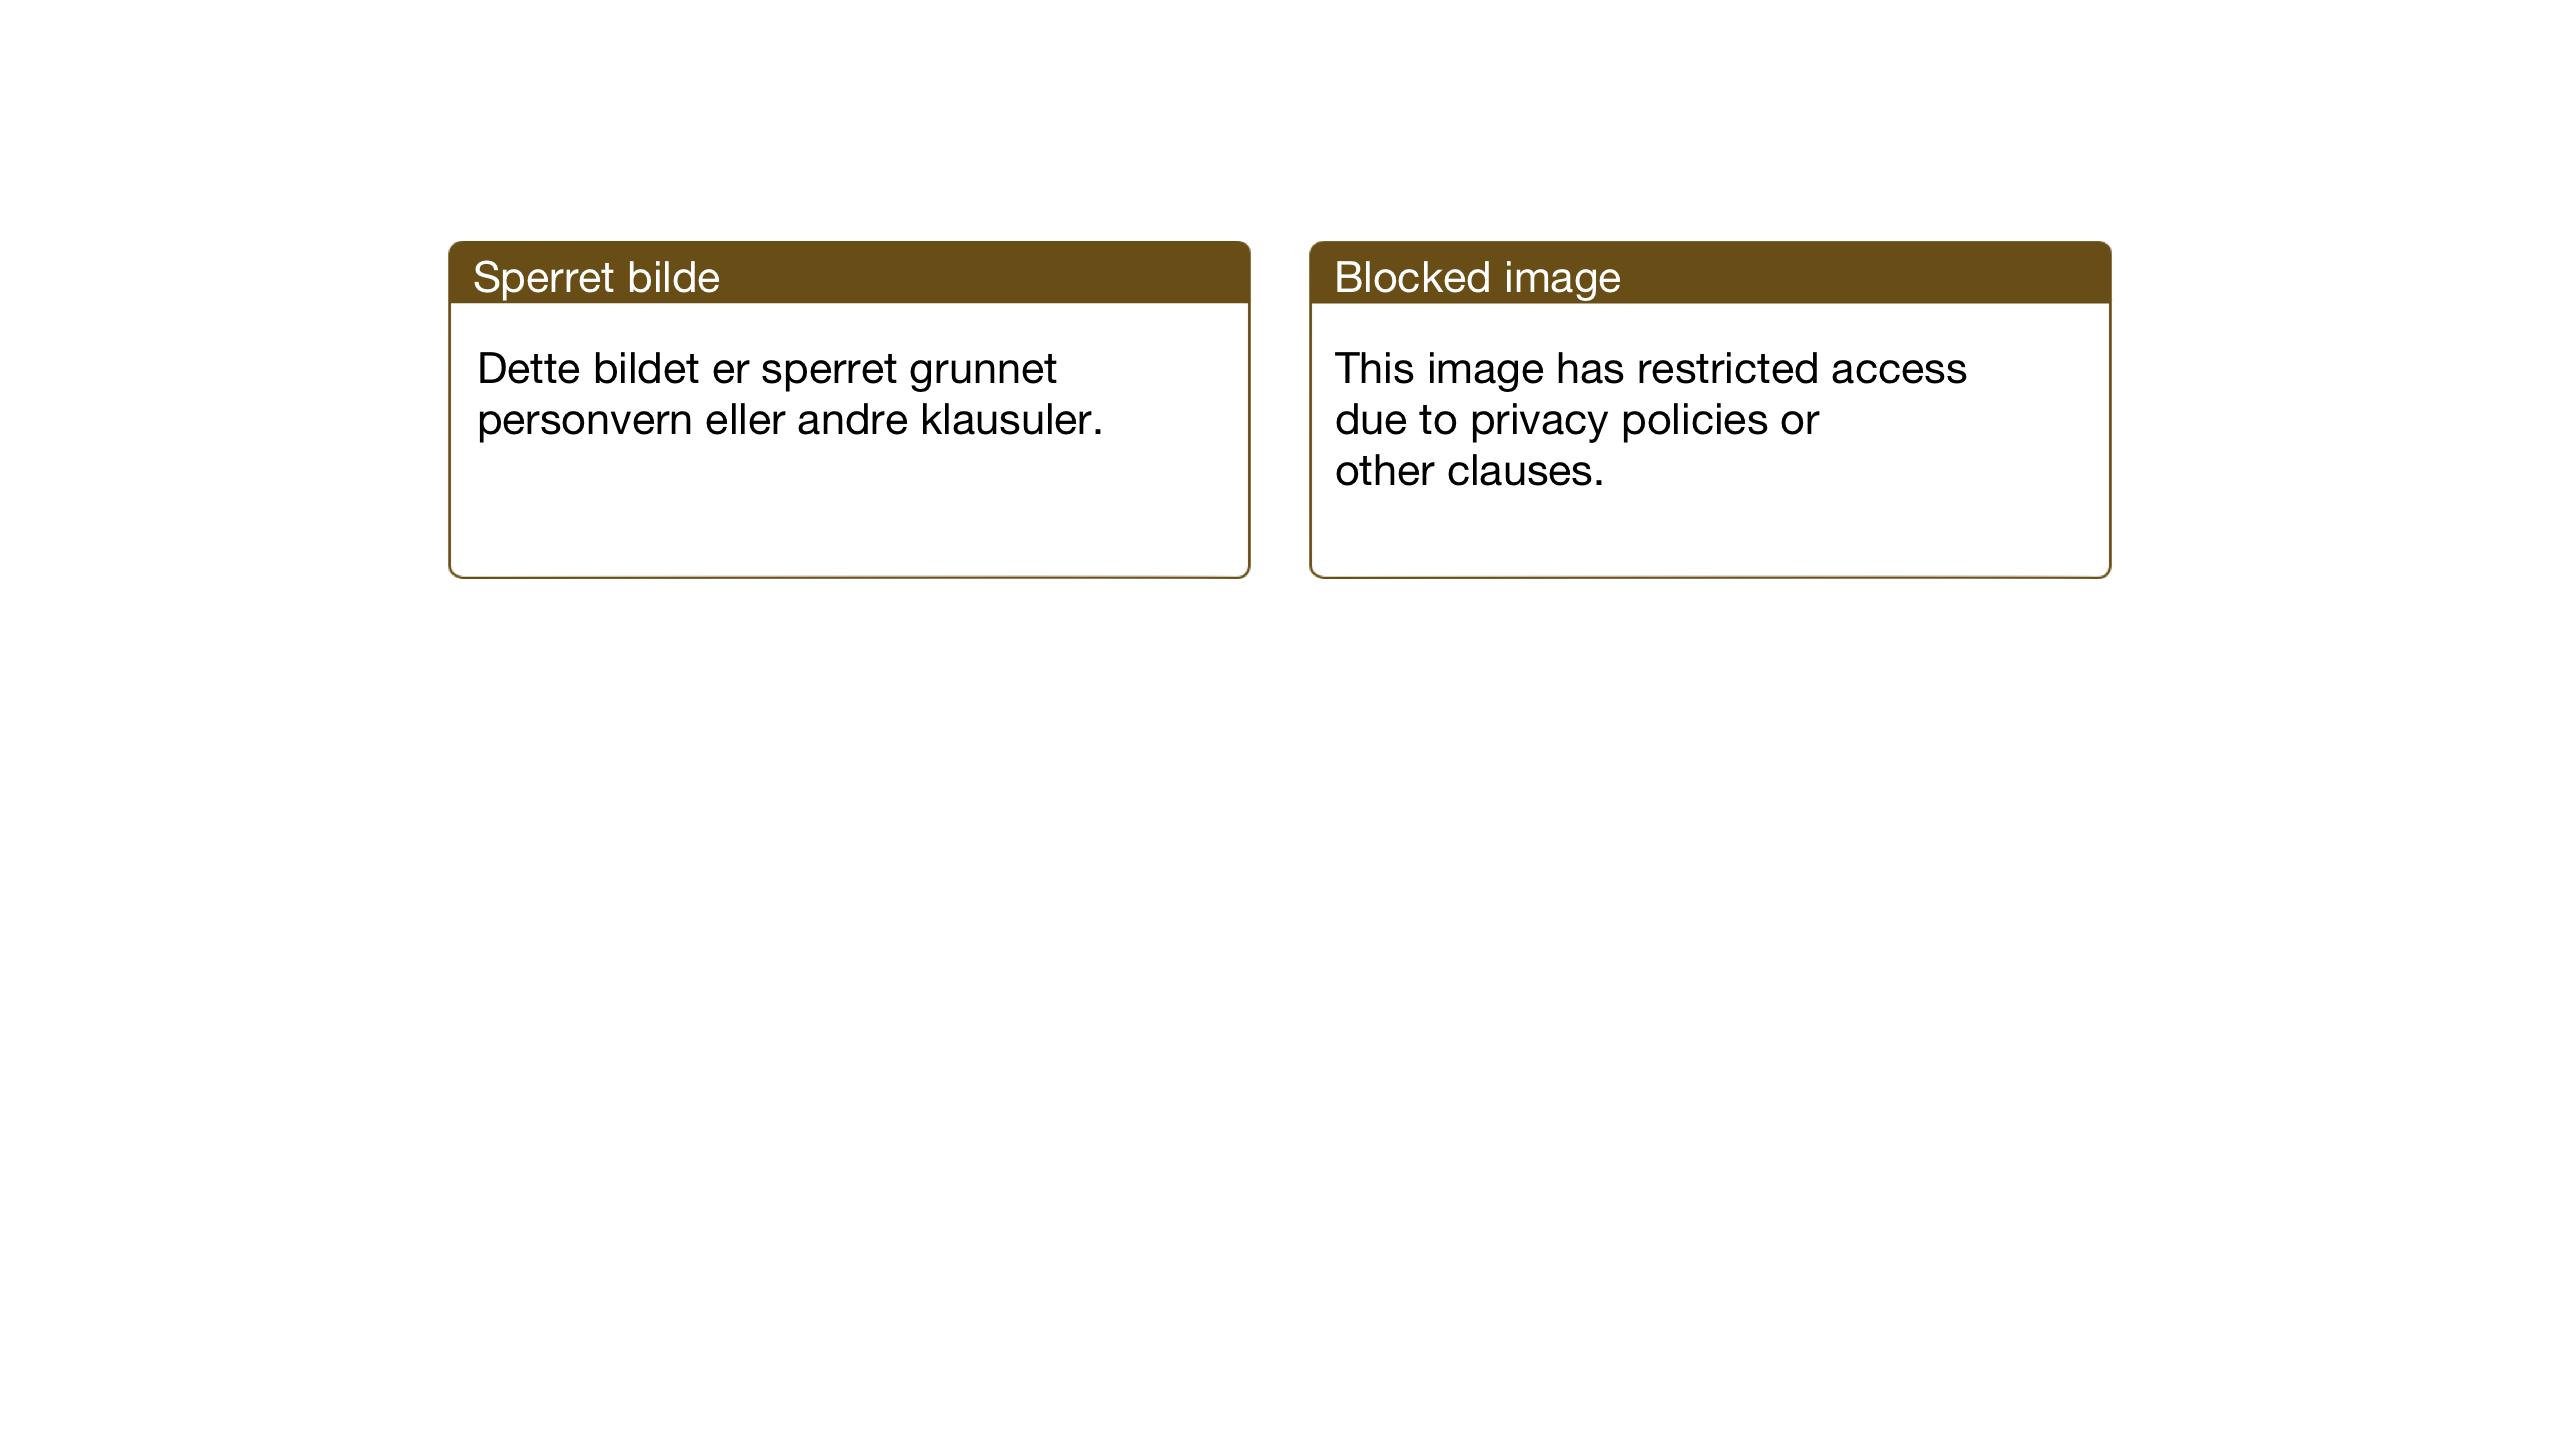 SAT, Ministerialprotokoller, klokkerbøker og fødselsregistre - Nord-Trøndelag, 730/L0303: Klokkerbok nr. 730C06, 1924-1933, s. 34